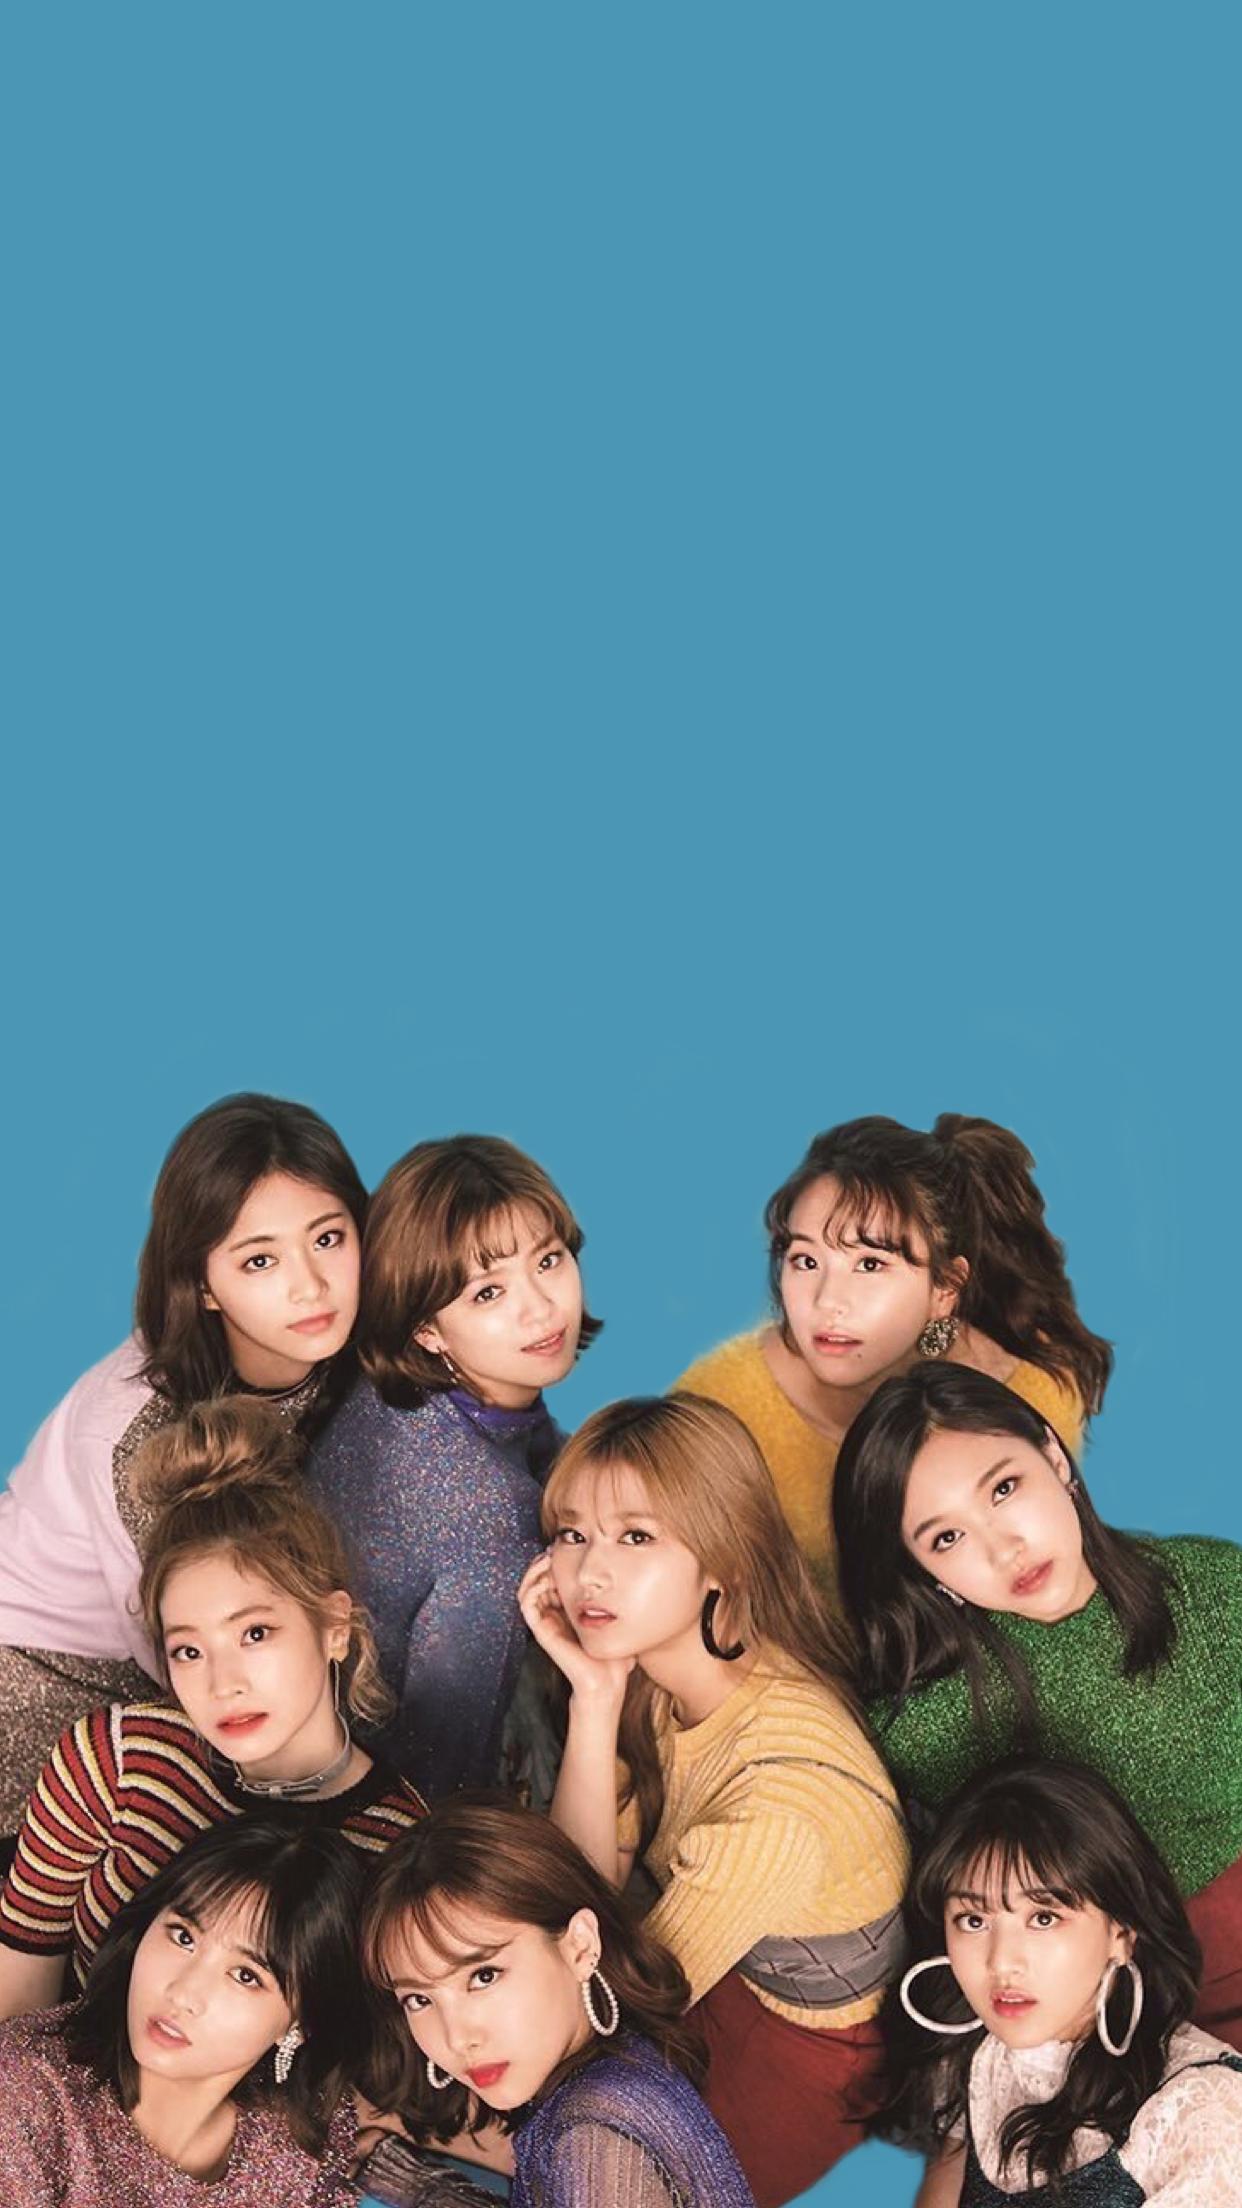 Twice Wallpaper Twice Album Twice Kpop Twice